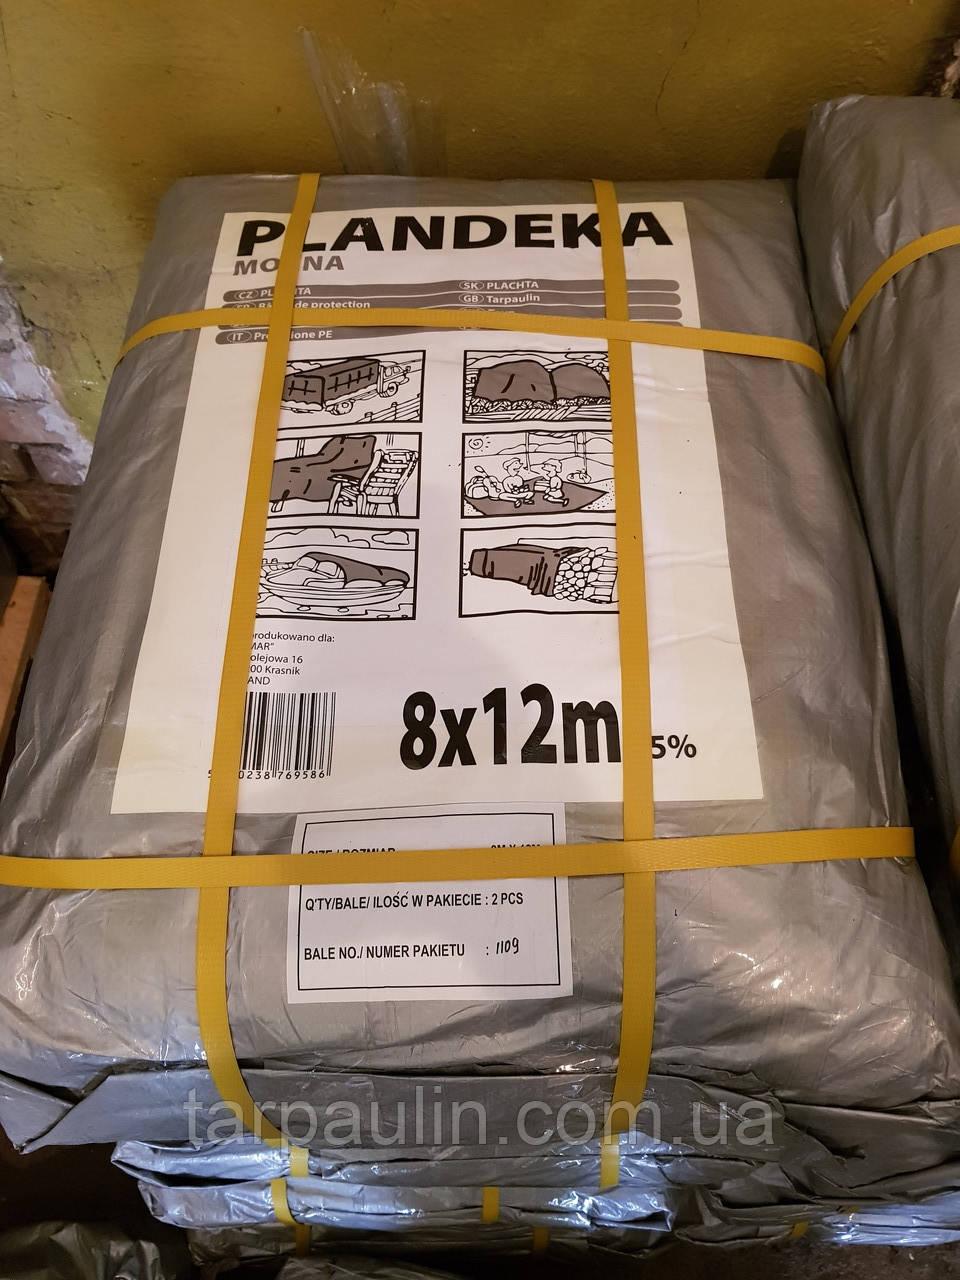 Тент Tenexim Mocny 8*12 м, готовые размеры в асс., плотный 120 г/м2 серебряный с УФ-защитой